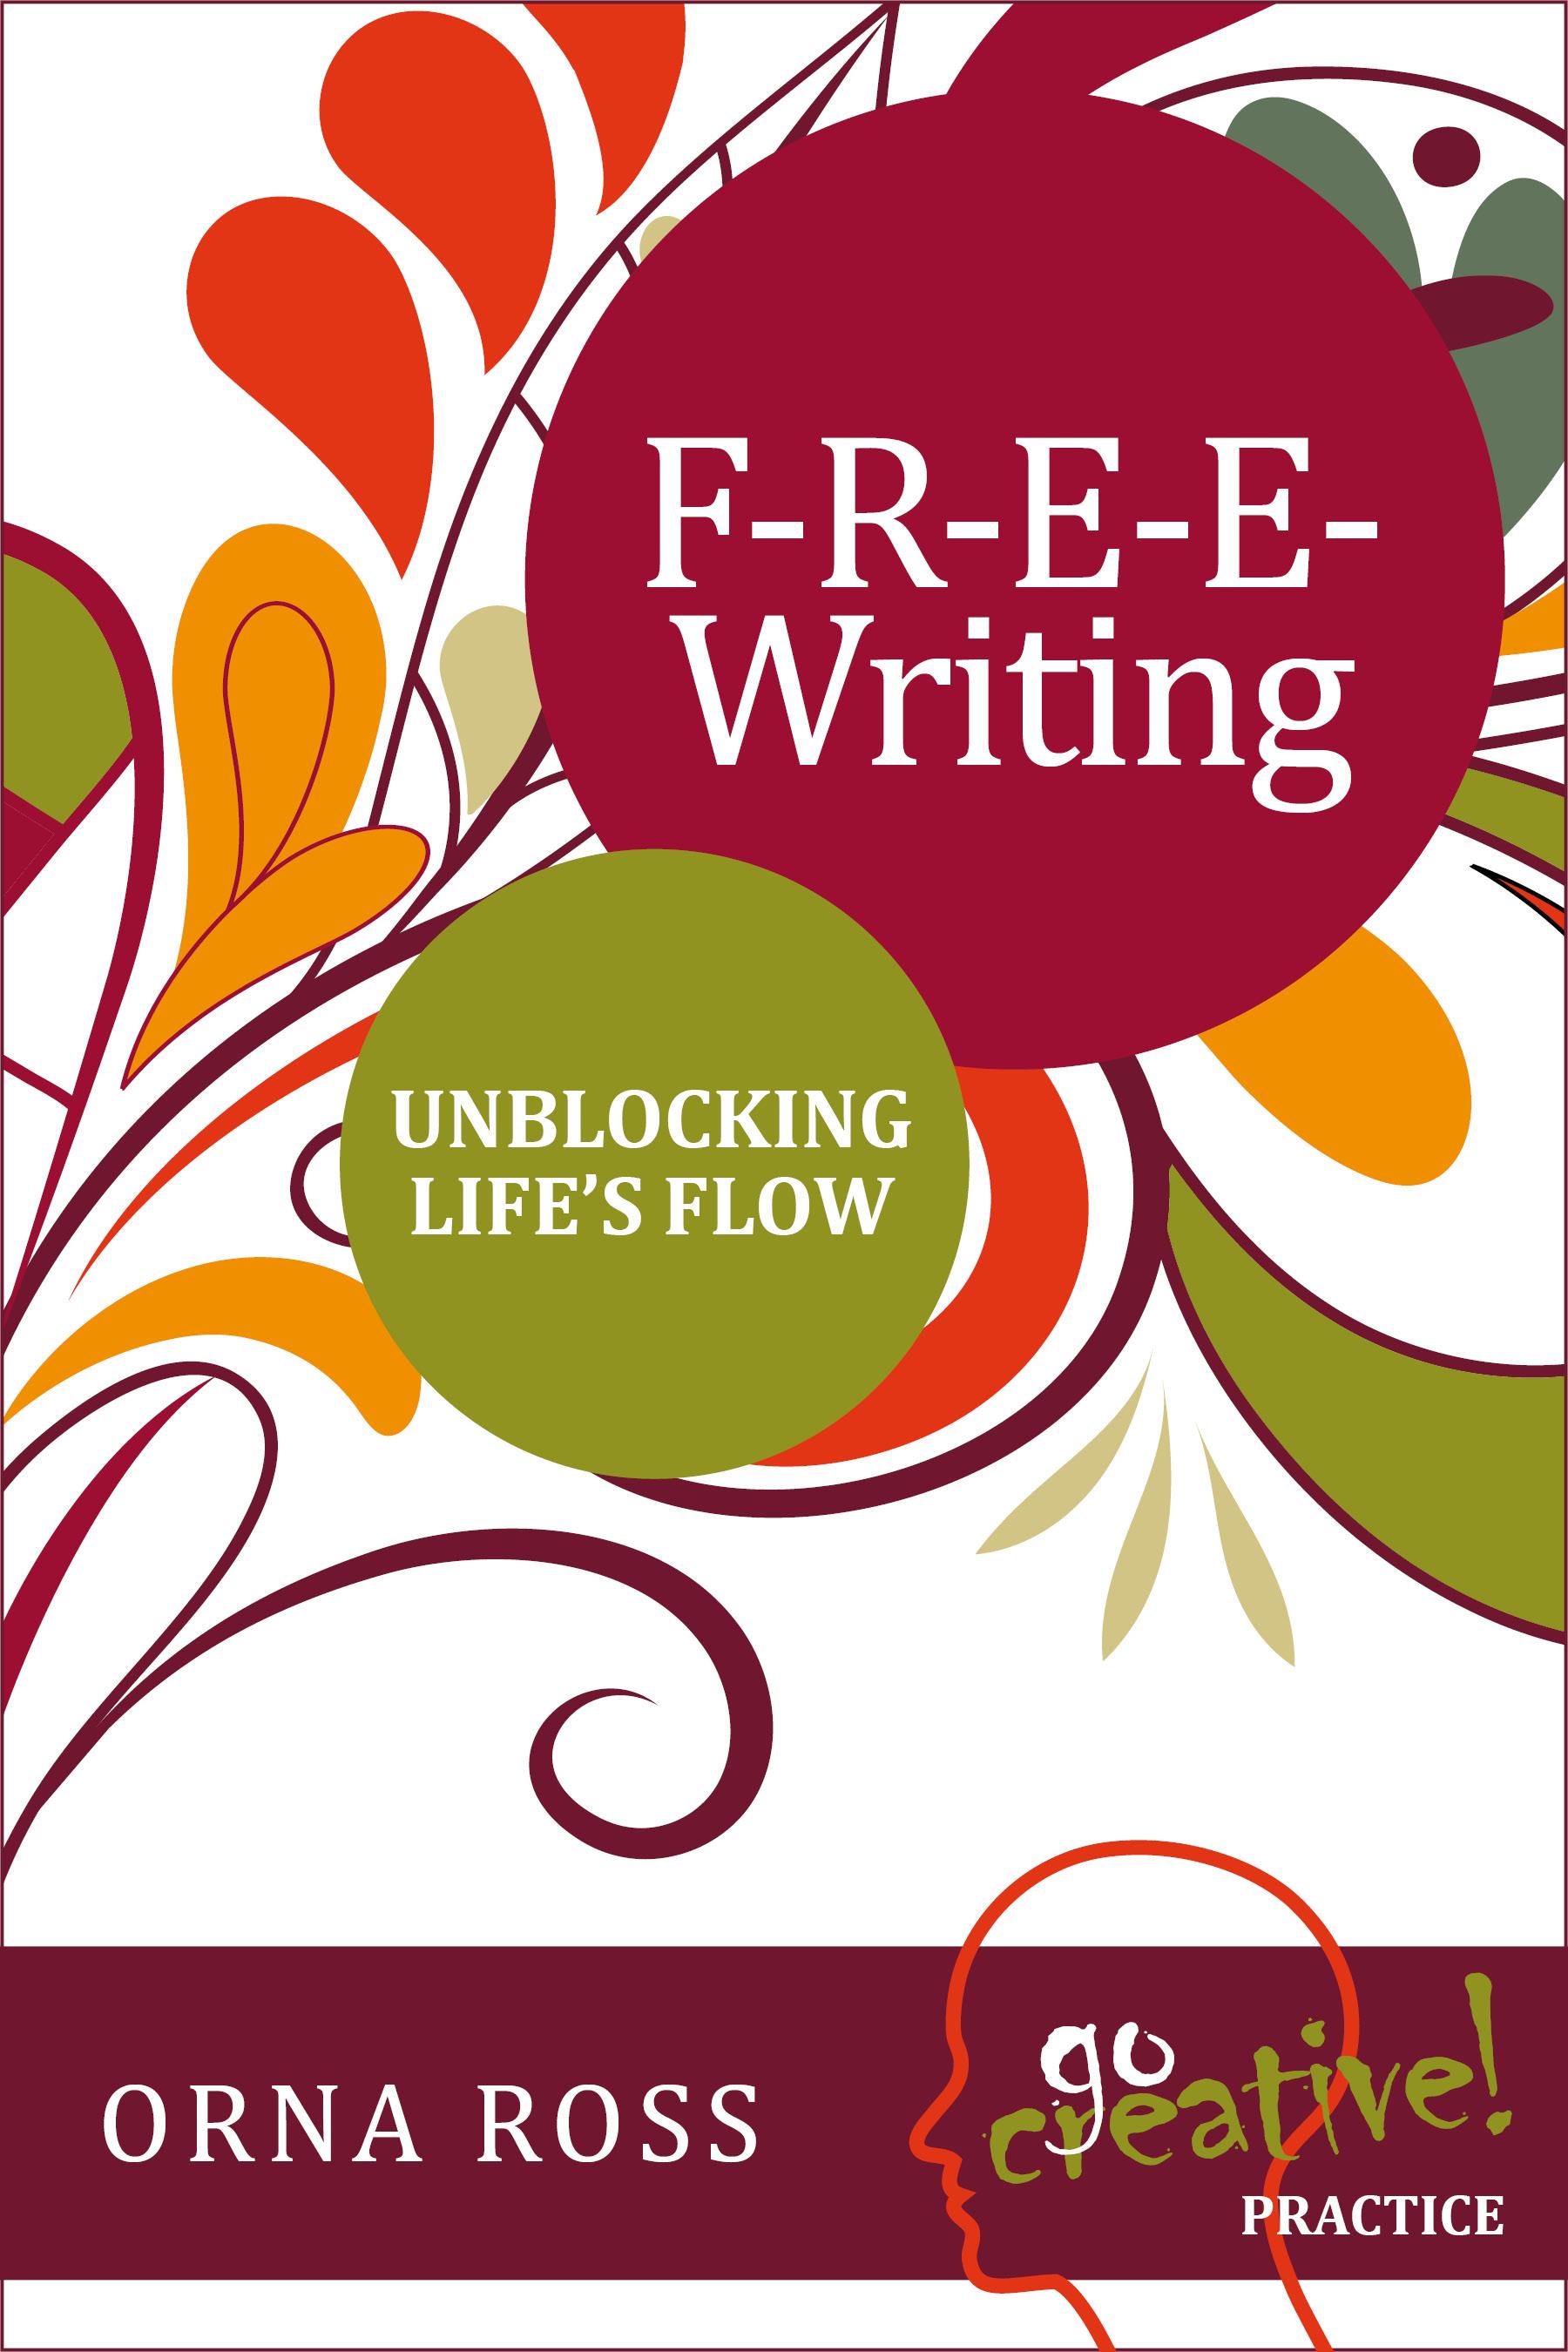 F-R-E-E-Writing EBOOK